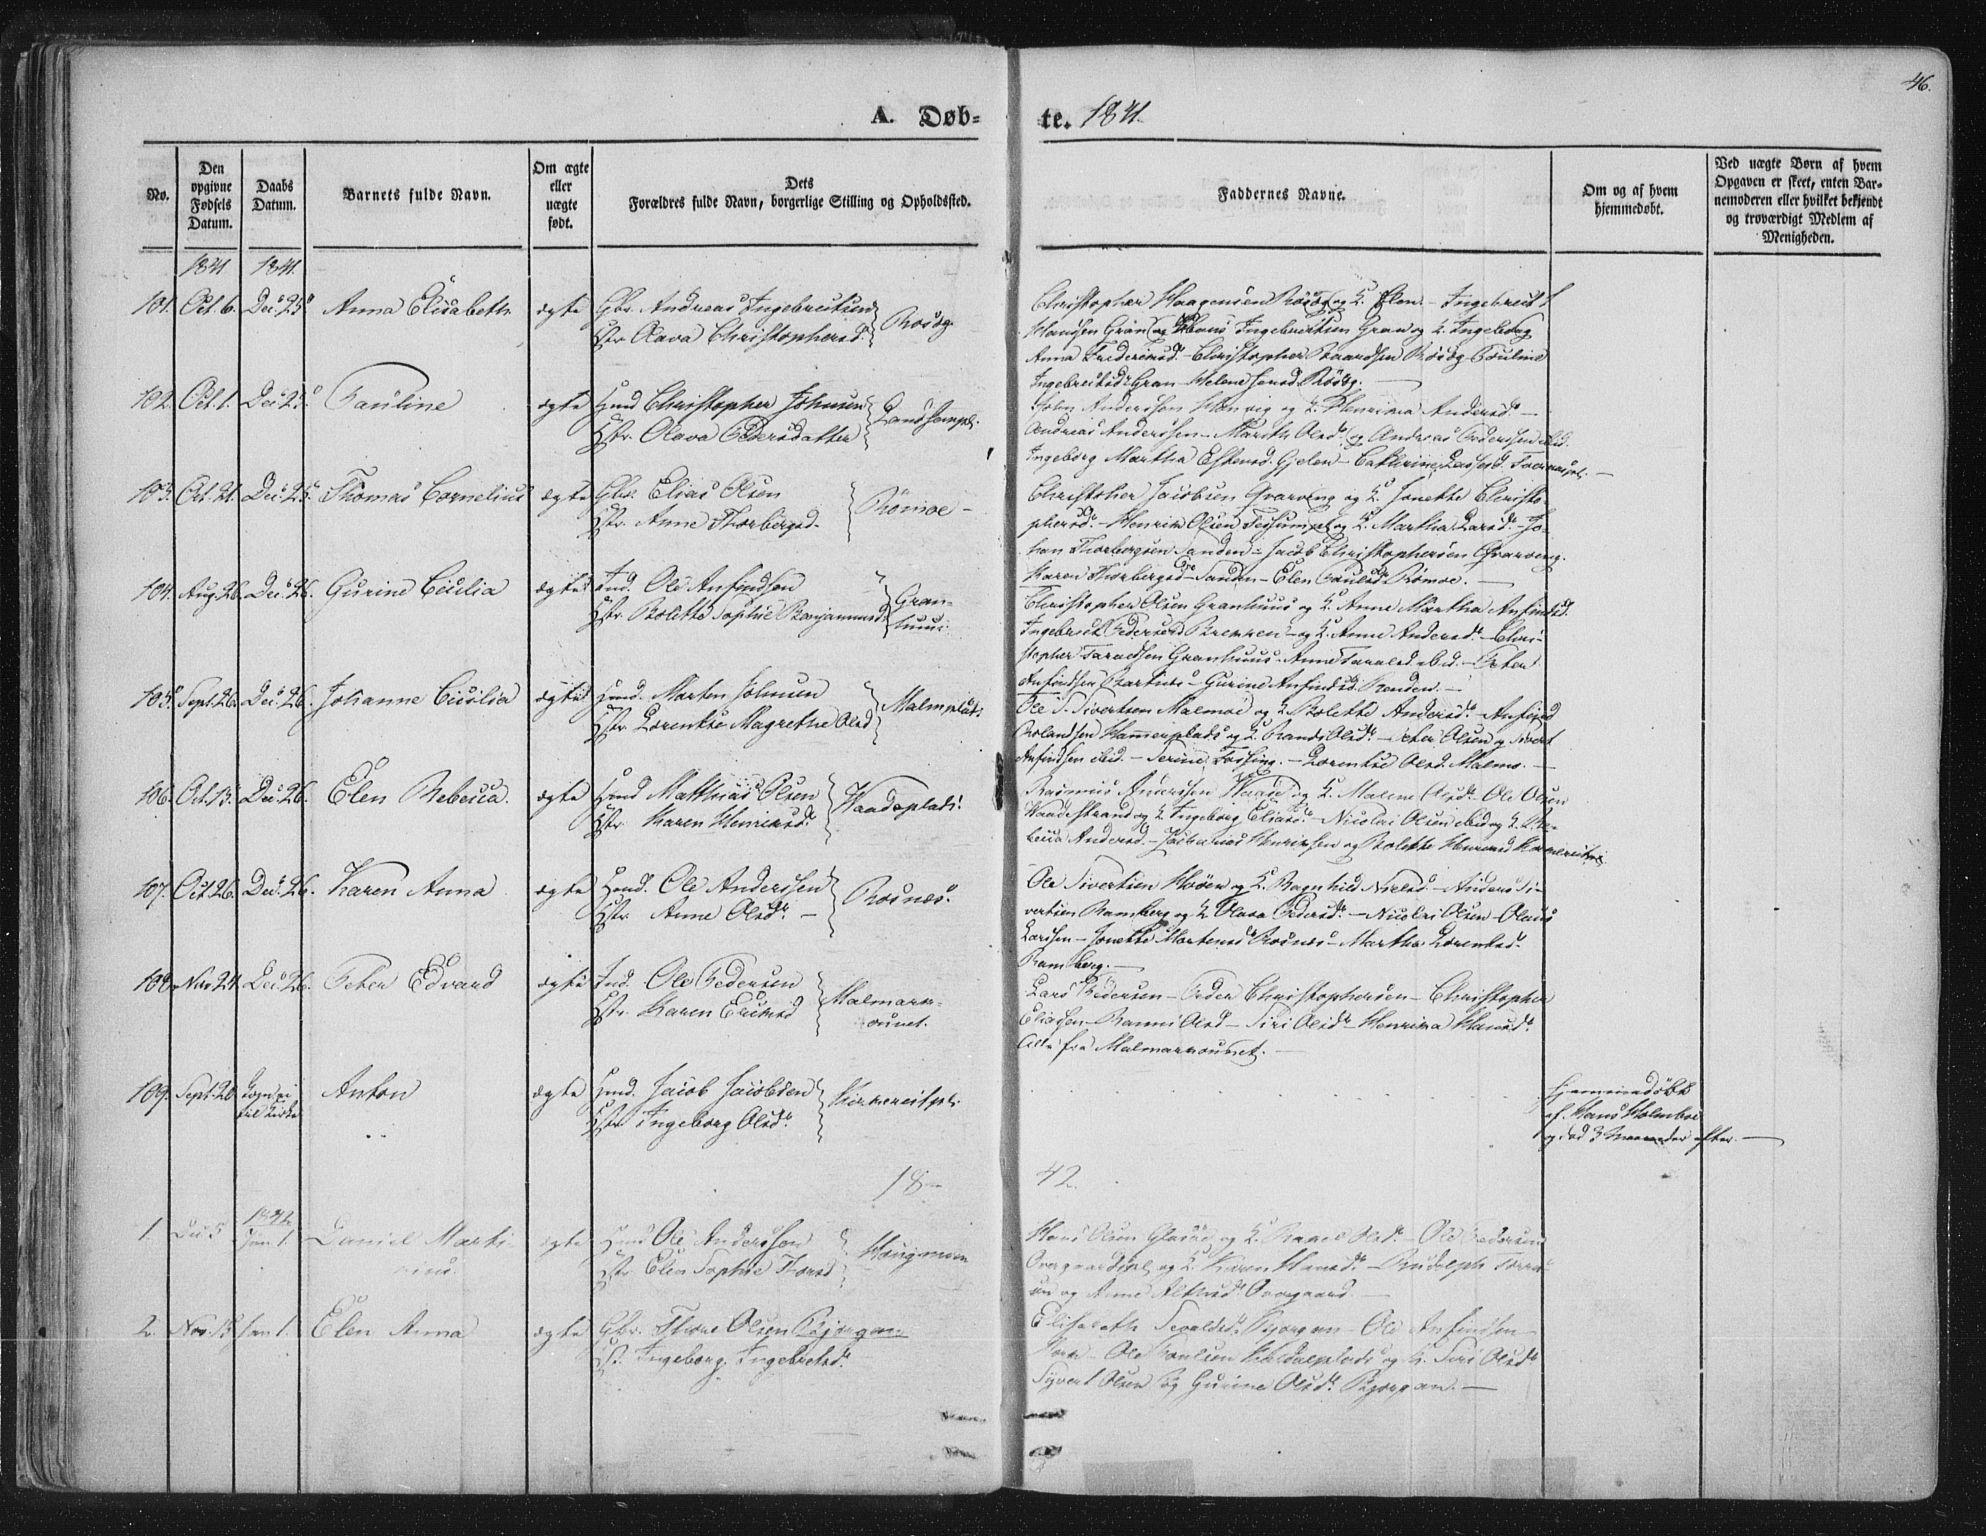 SAT, Ministerialprotokoller, klokkerbøker og fødselsregistre - Nord-Trøndelag, 741/L0392: Ministerialbok nr. 741A06, 1836-1848, s. 46